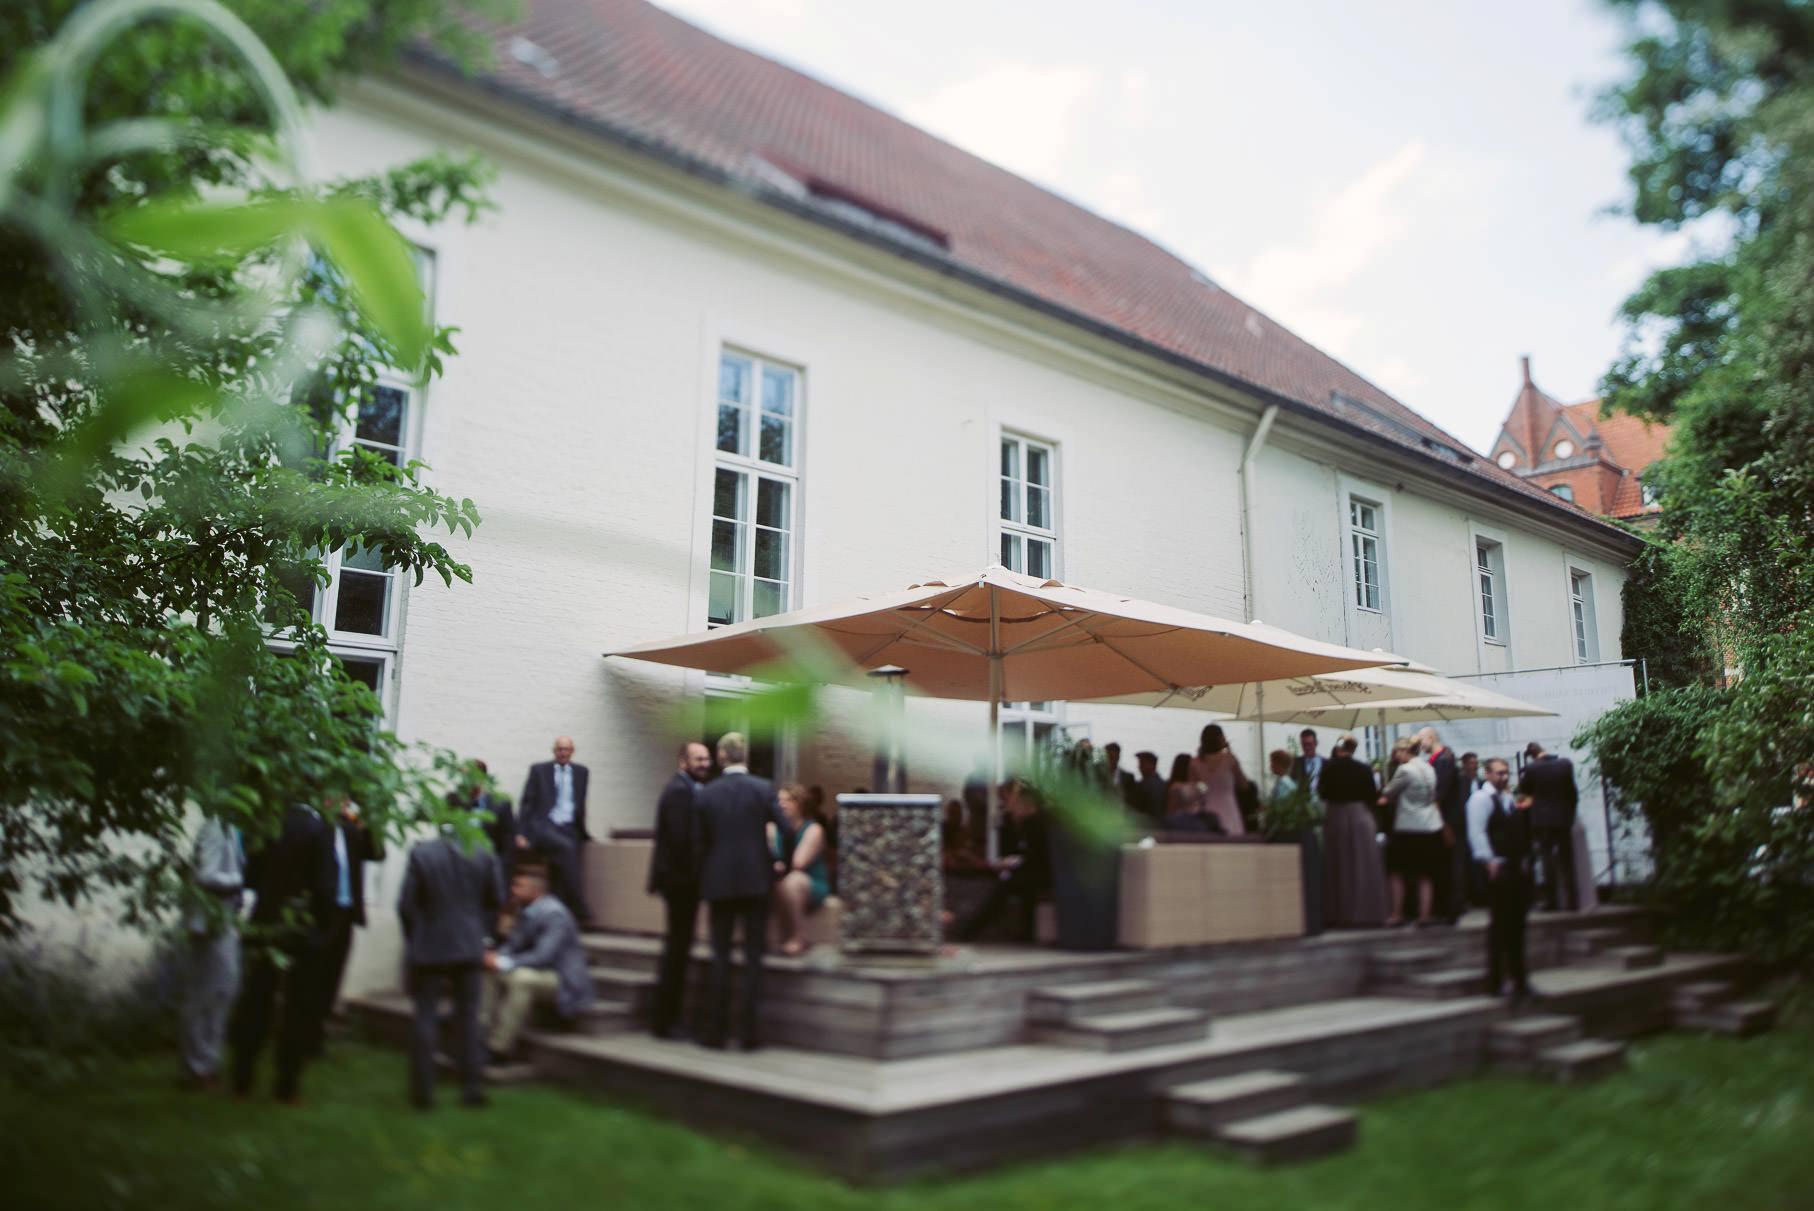 0068 jus 812 9906 - Hochzeit im Wasserturm Lüneburg - Jenny & Sascha